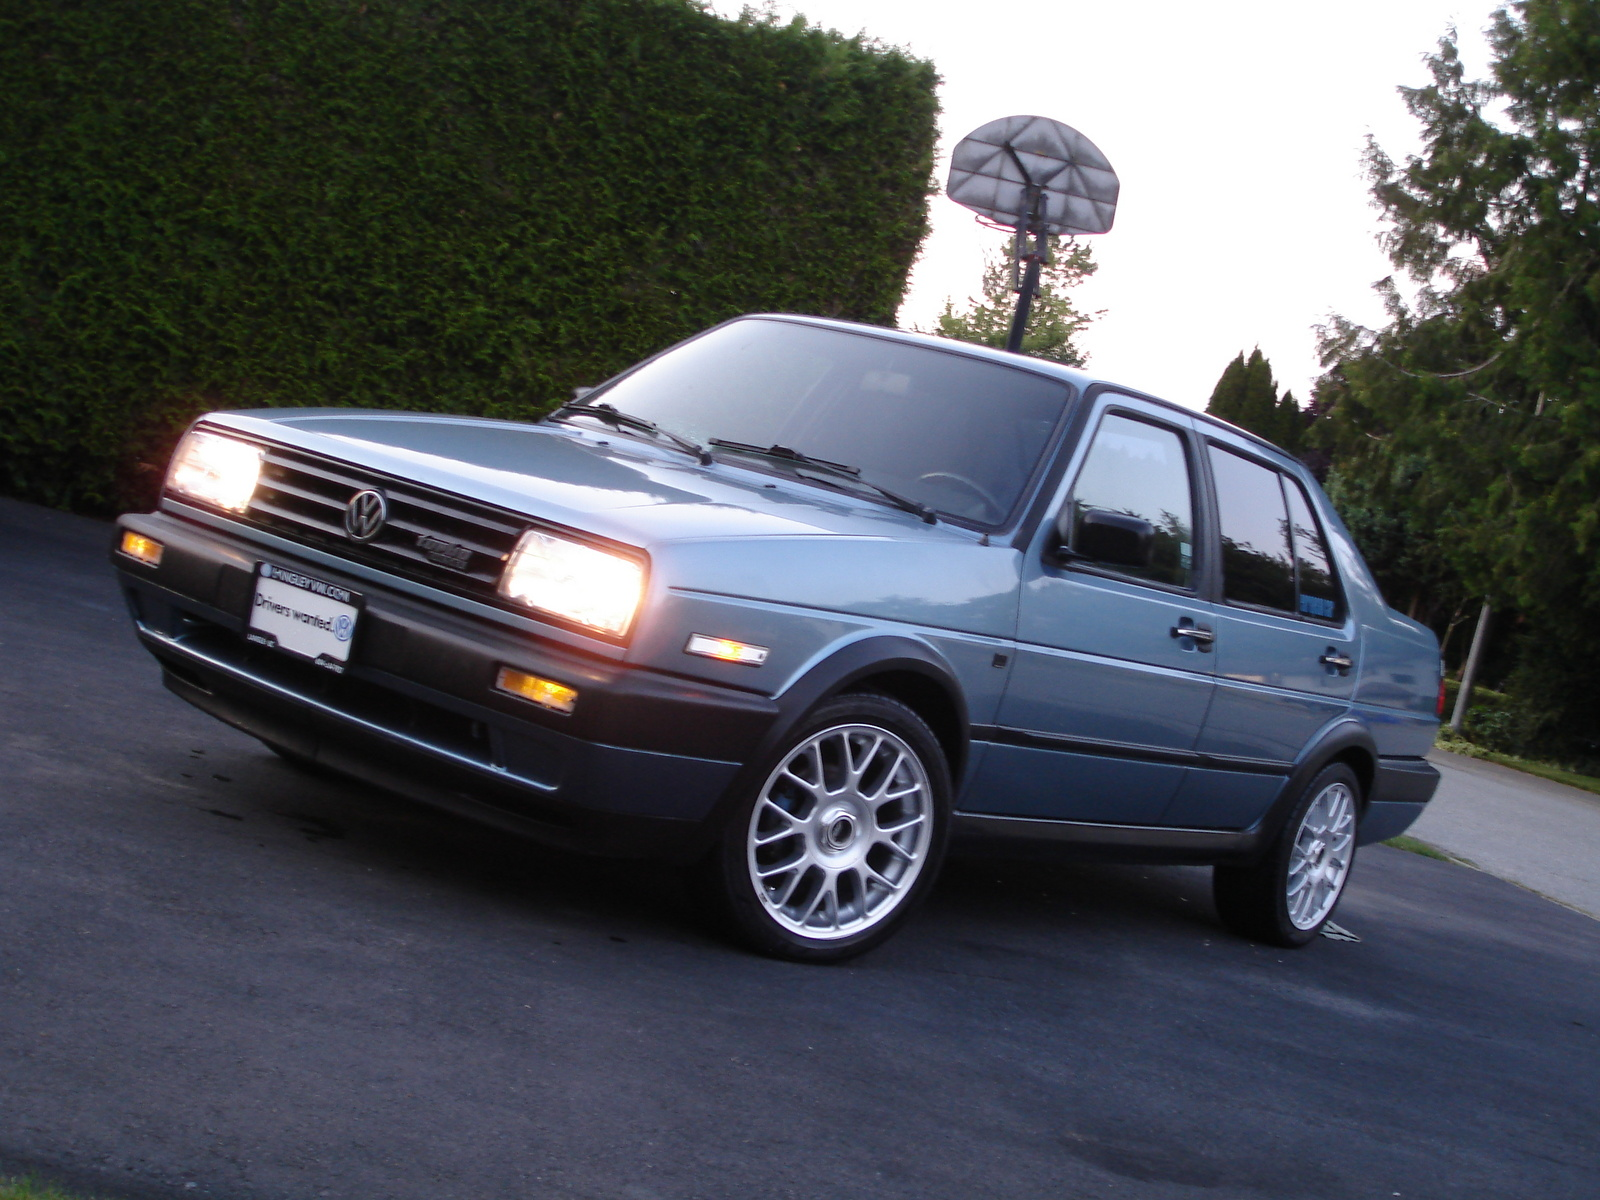 1991 Volkswagen Jetta GL Diesel, 1991 Volkswagen Jetta 4 Dr GL Diesel Sedan picture, exterior